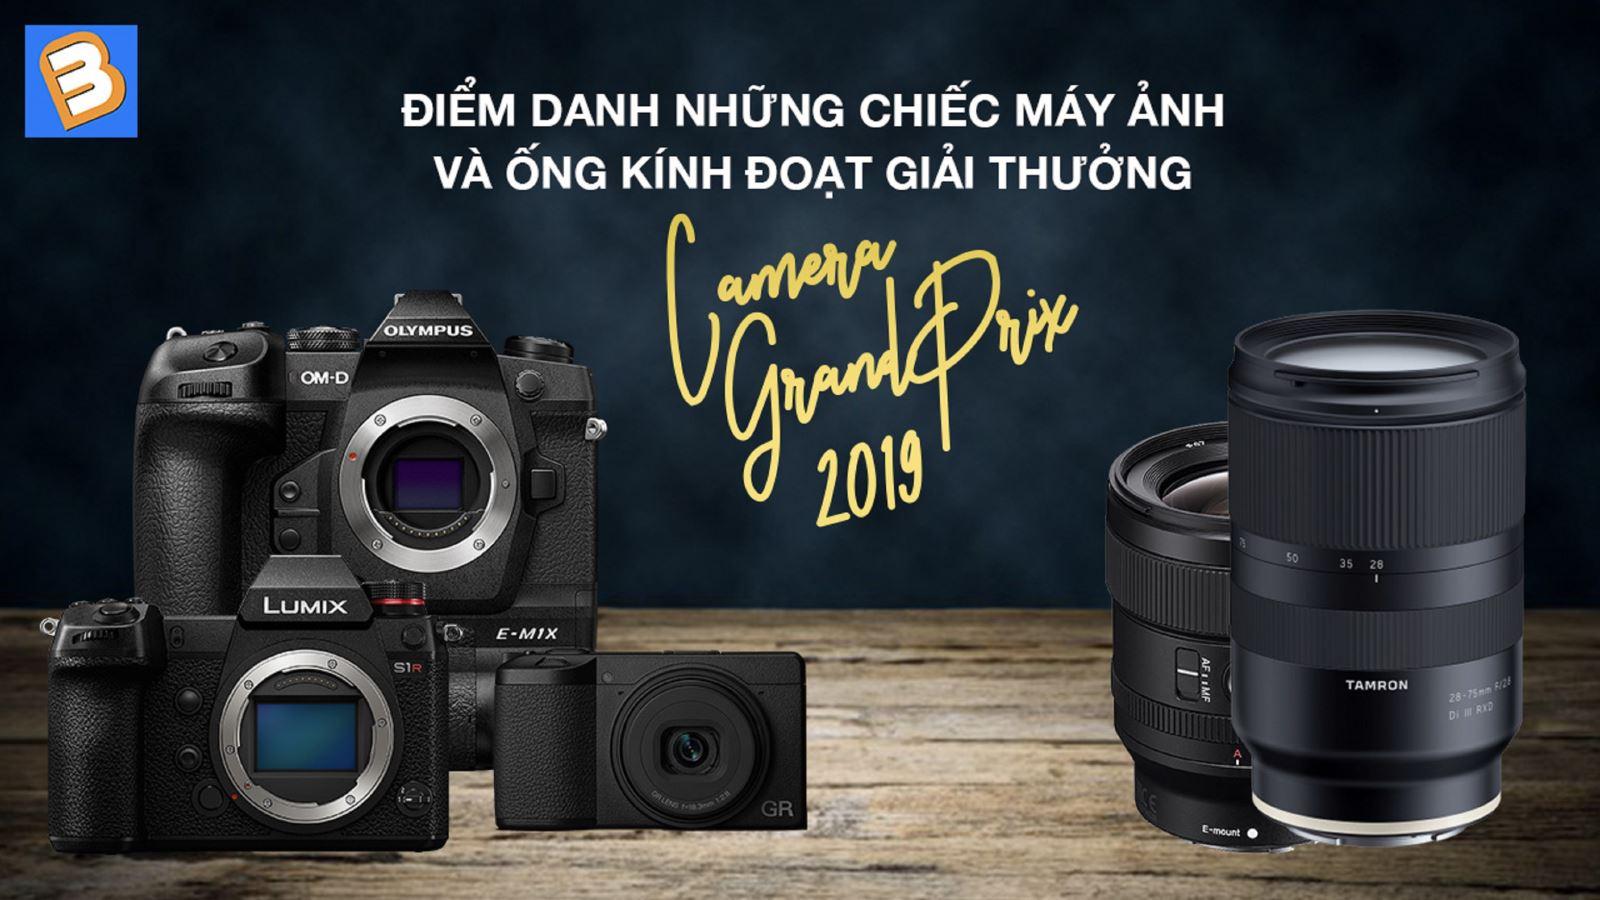 Điểm danhnhững chiếc máy ảnh và ống kính đoạt giải thưởng Camera Grand Prix 2019